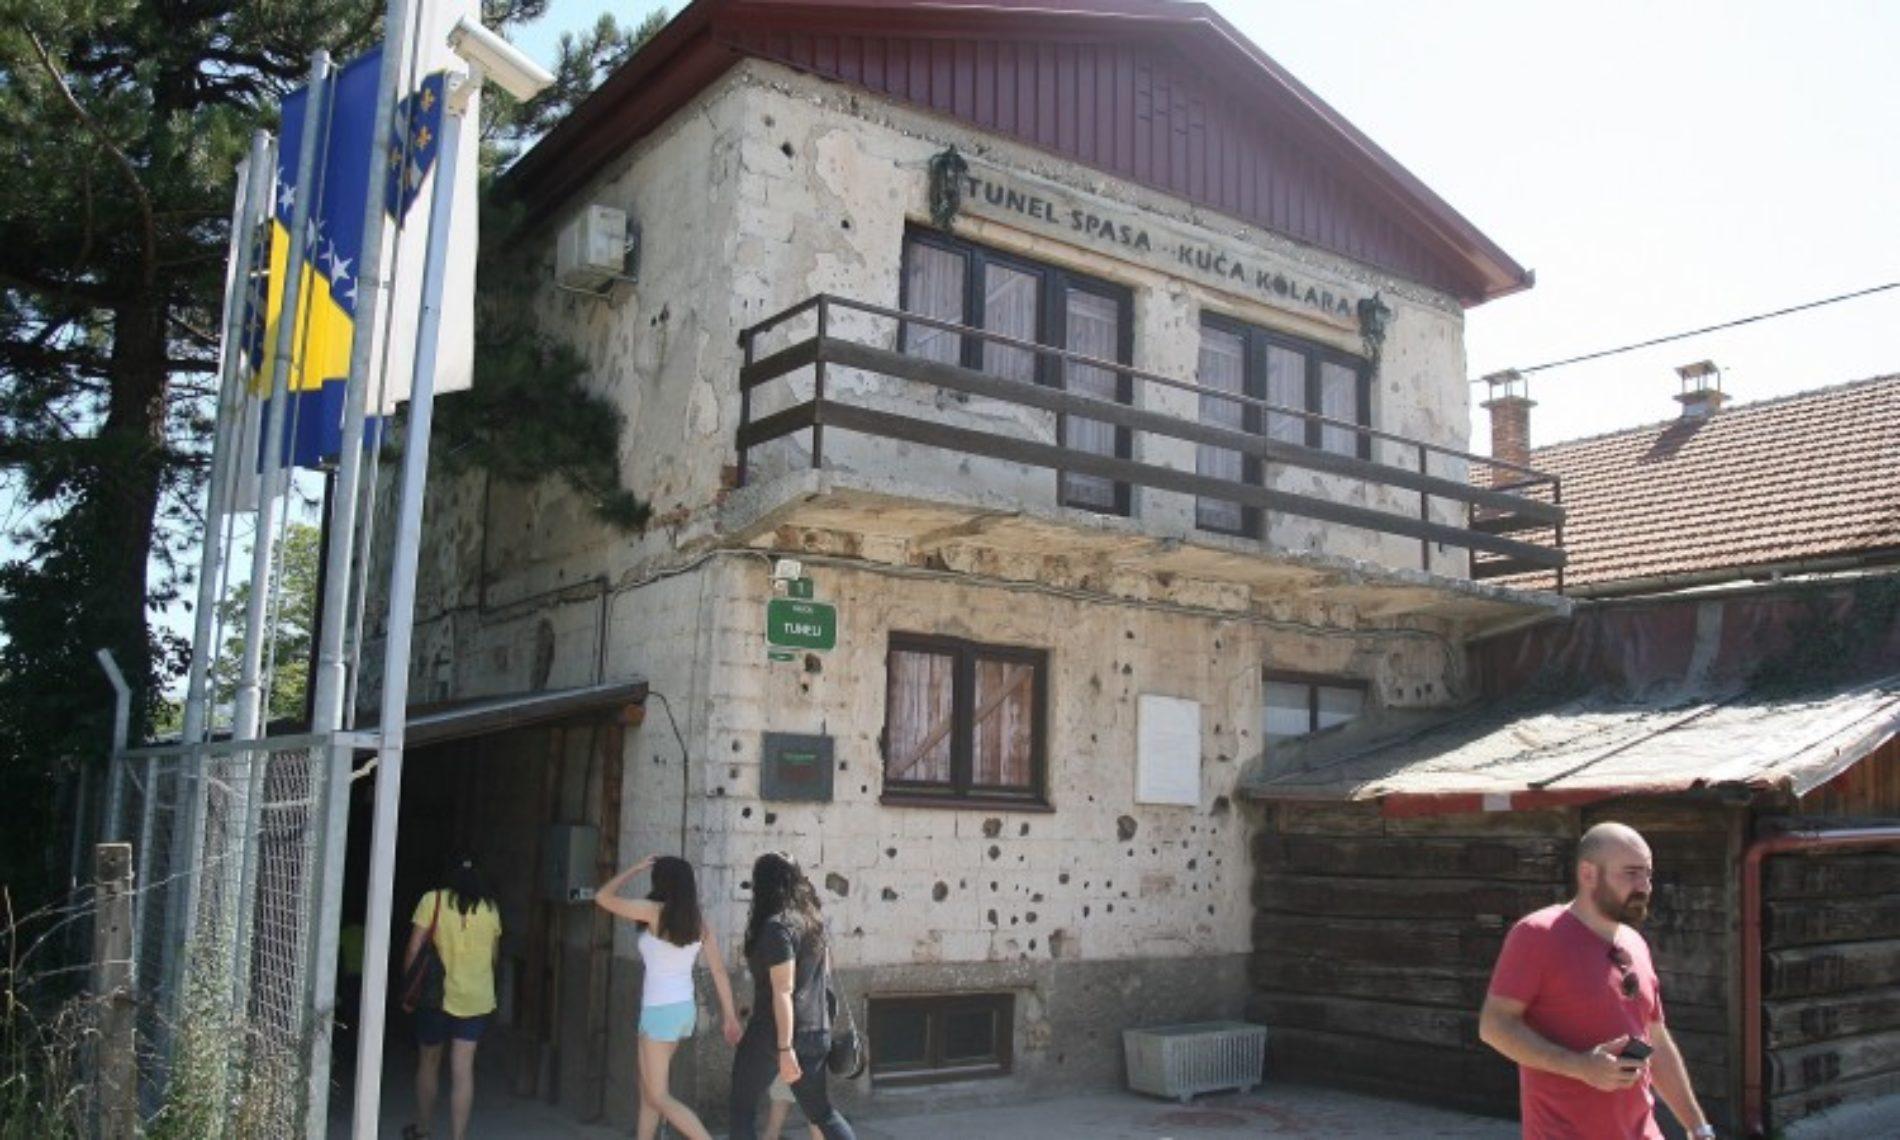 Obilježena 23. godišnjica Sarajevskog tunela spasa